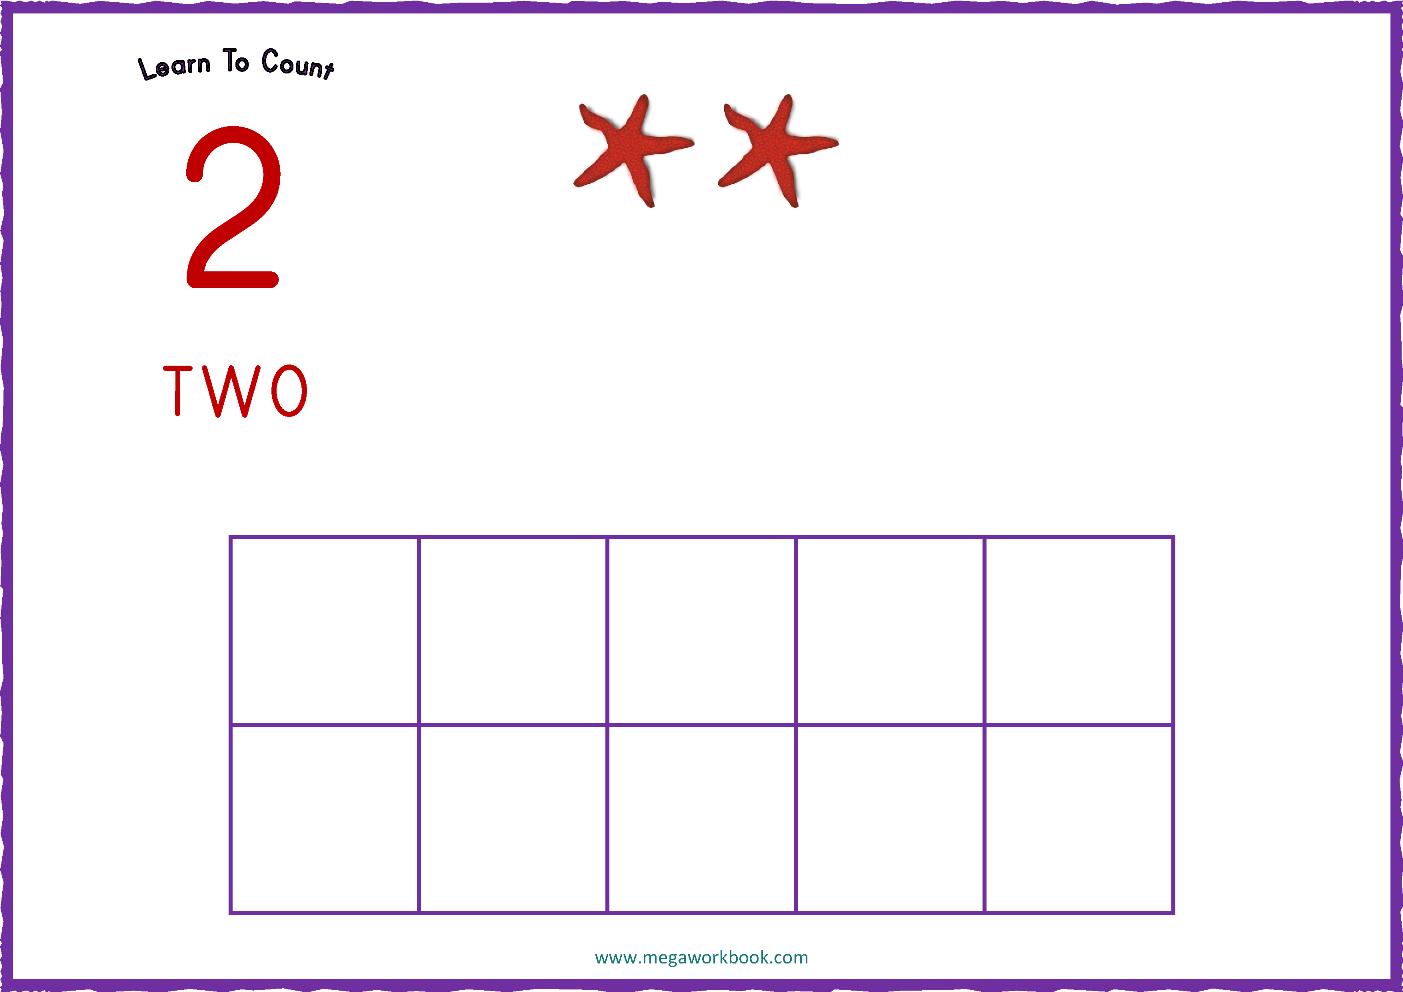 Ten Frame Worksheets Ten Frames 10 Frames Counting Addition Subtraction Even Odd Number Relationships Etc Megaworkbook